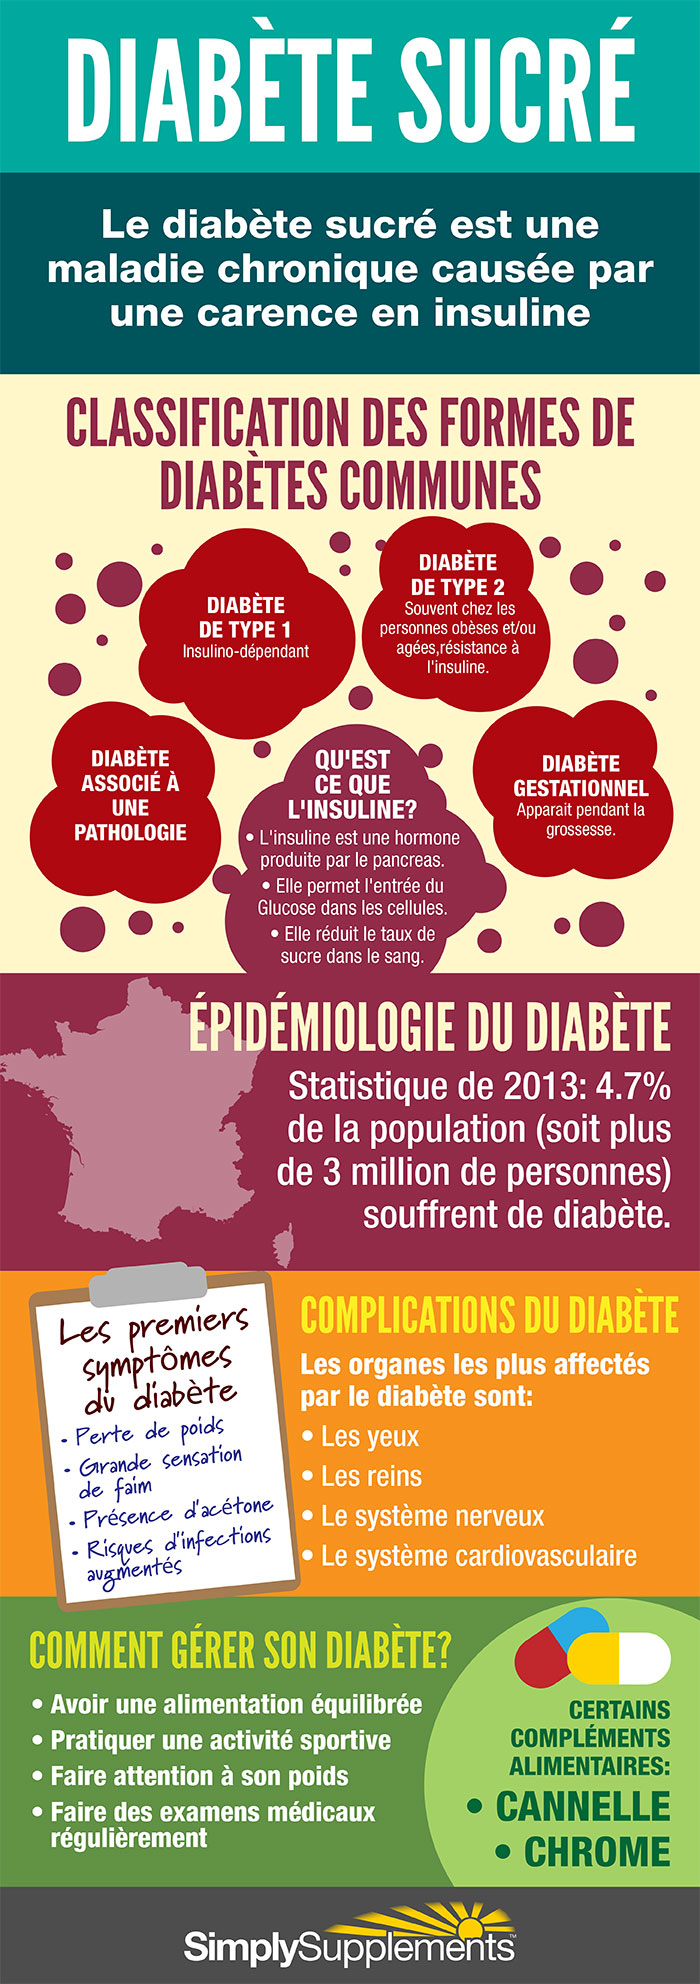 diabete-sucre